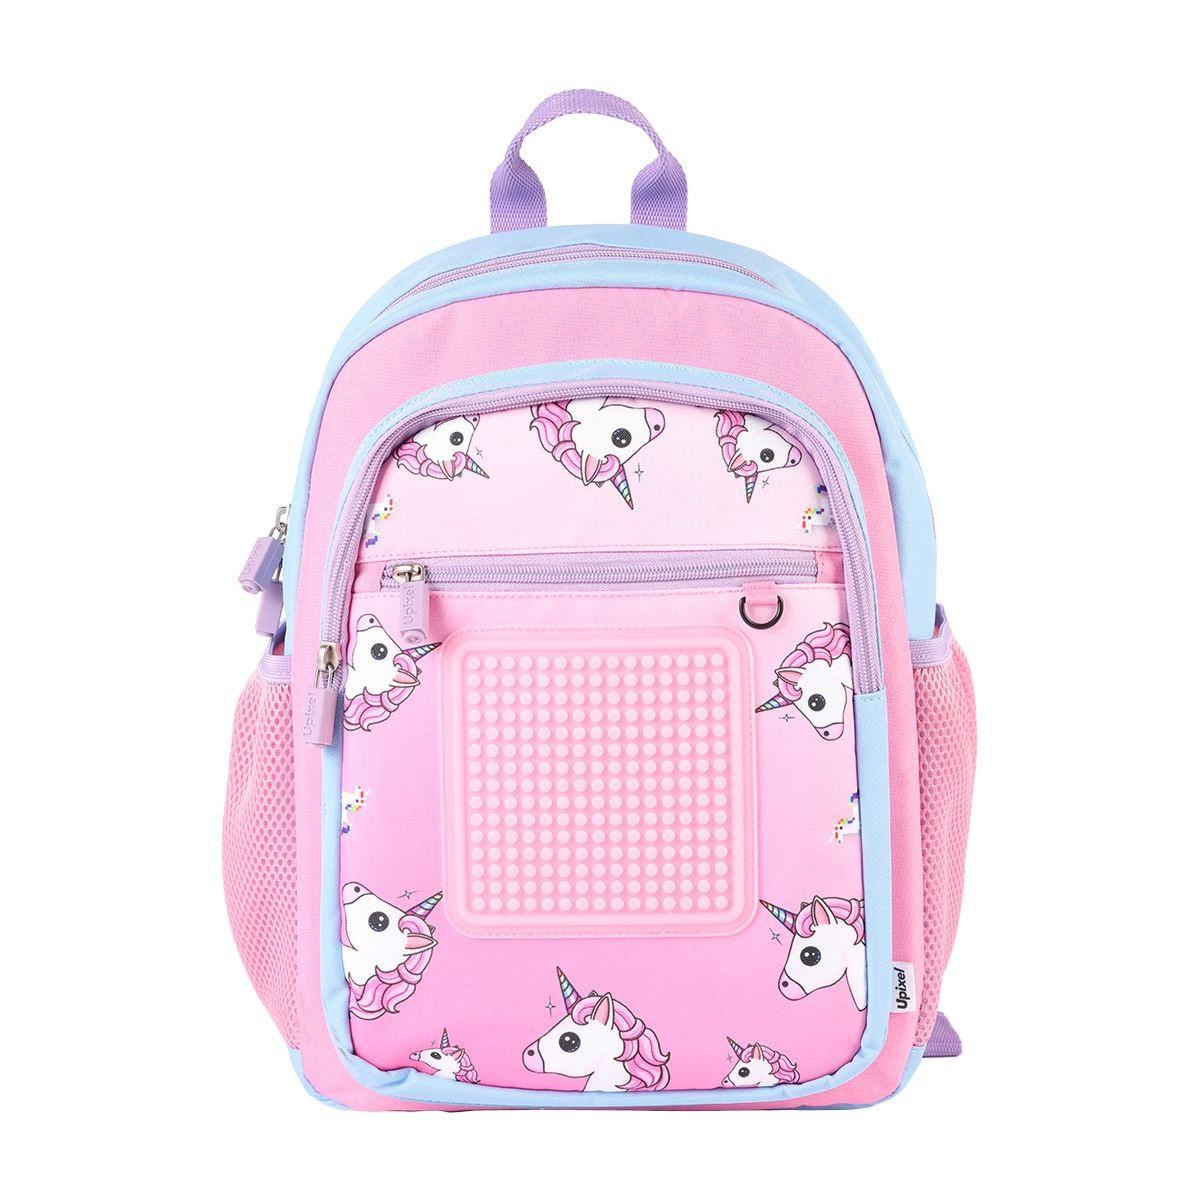 Фото Рюкзак для девочки с единорогами розовый U18-015